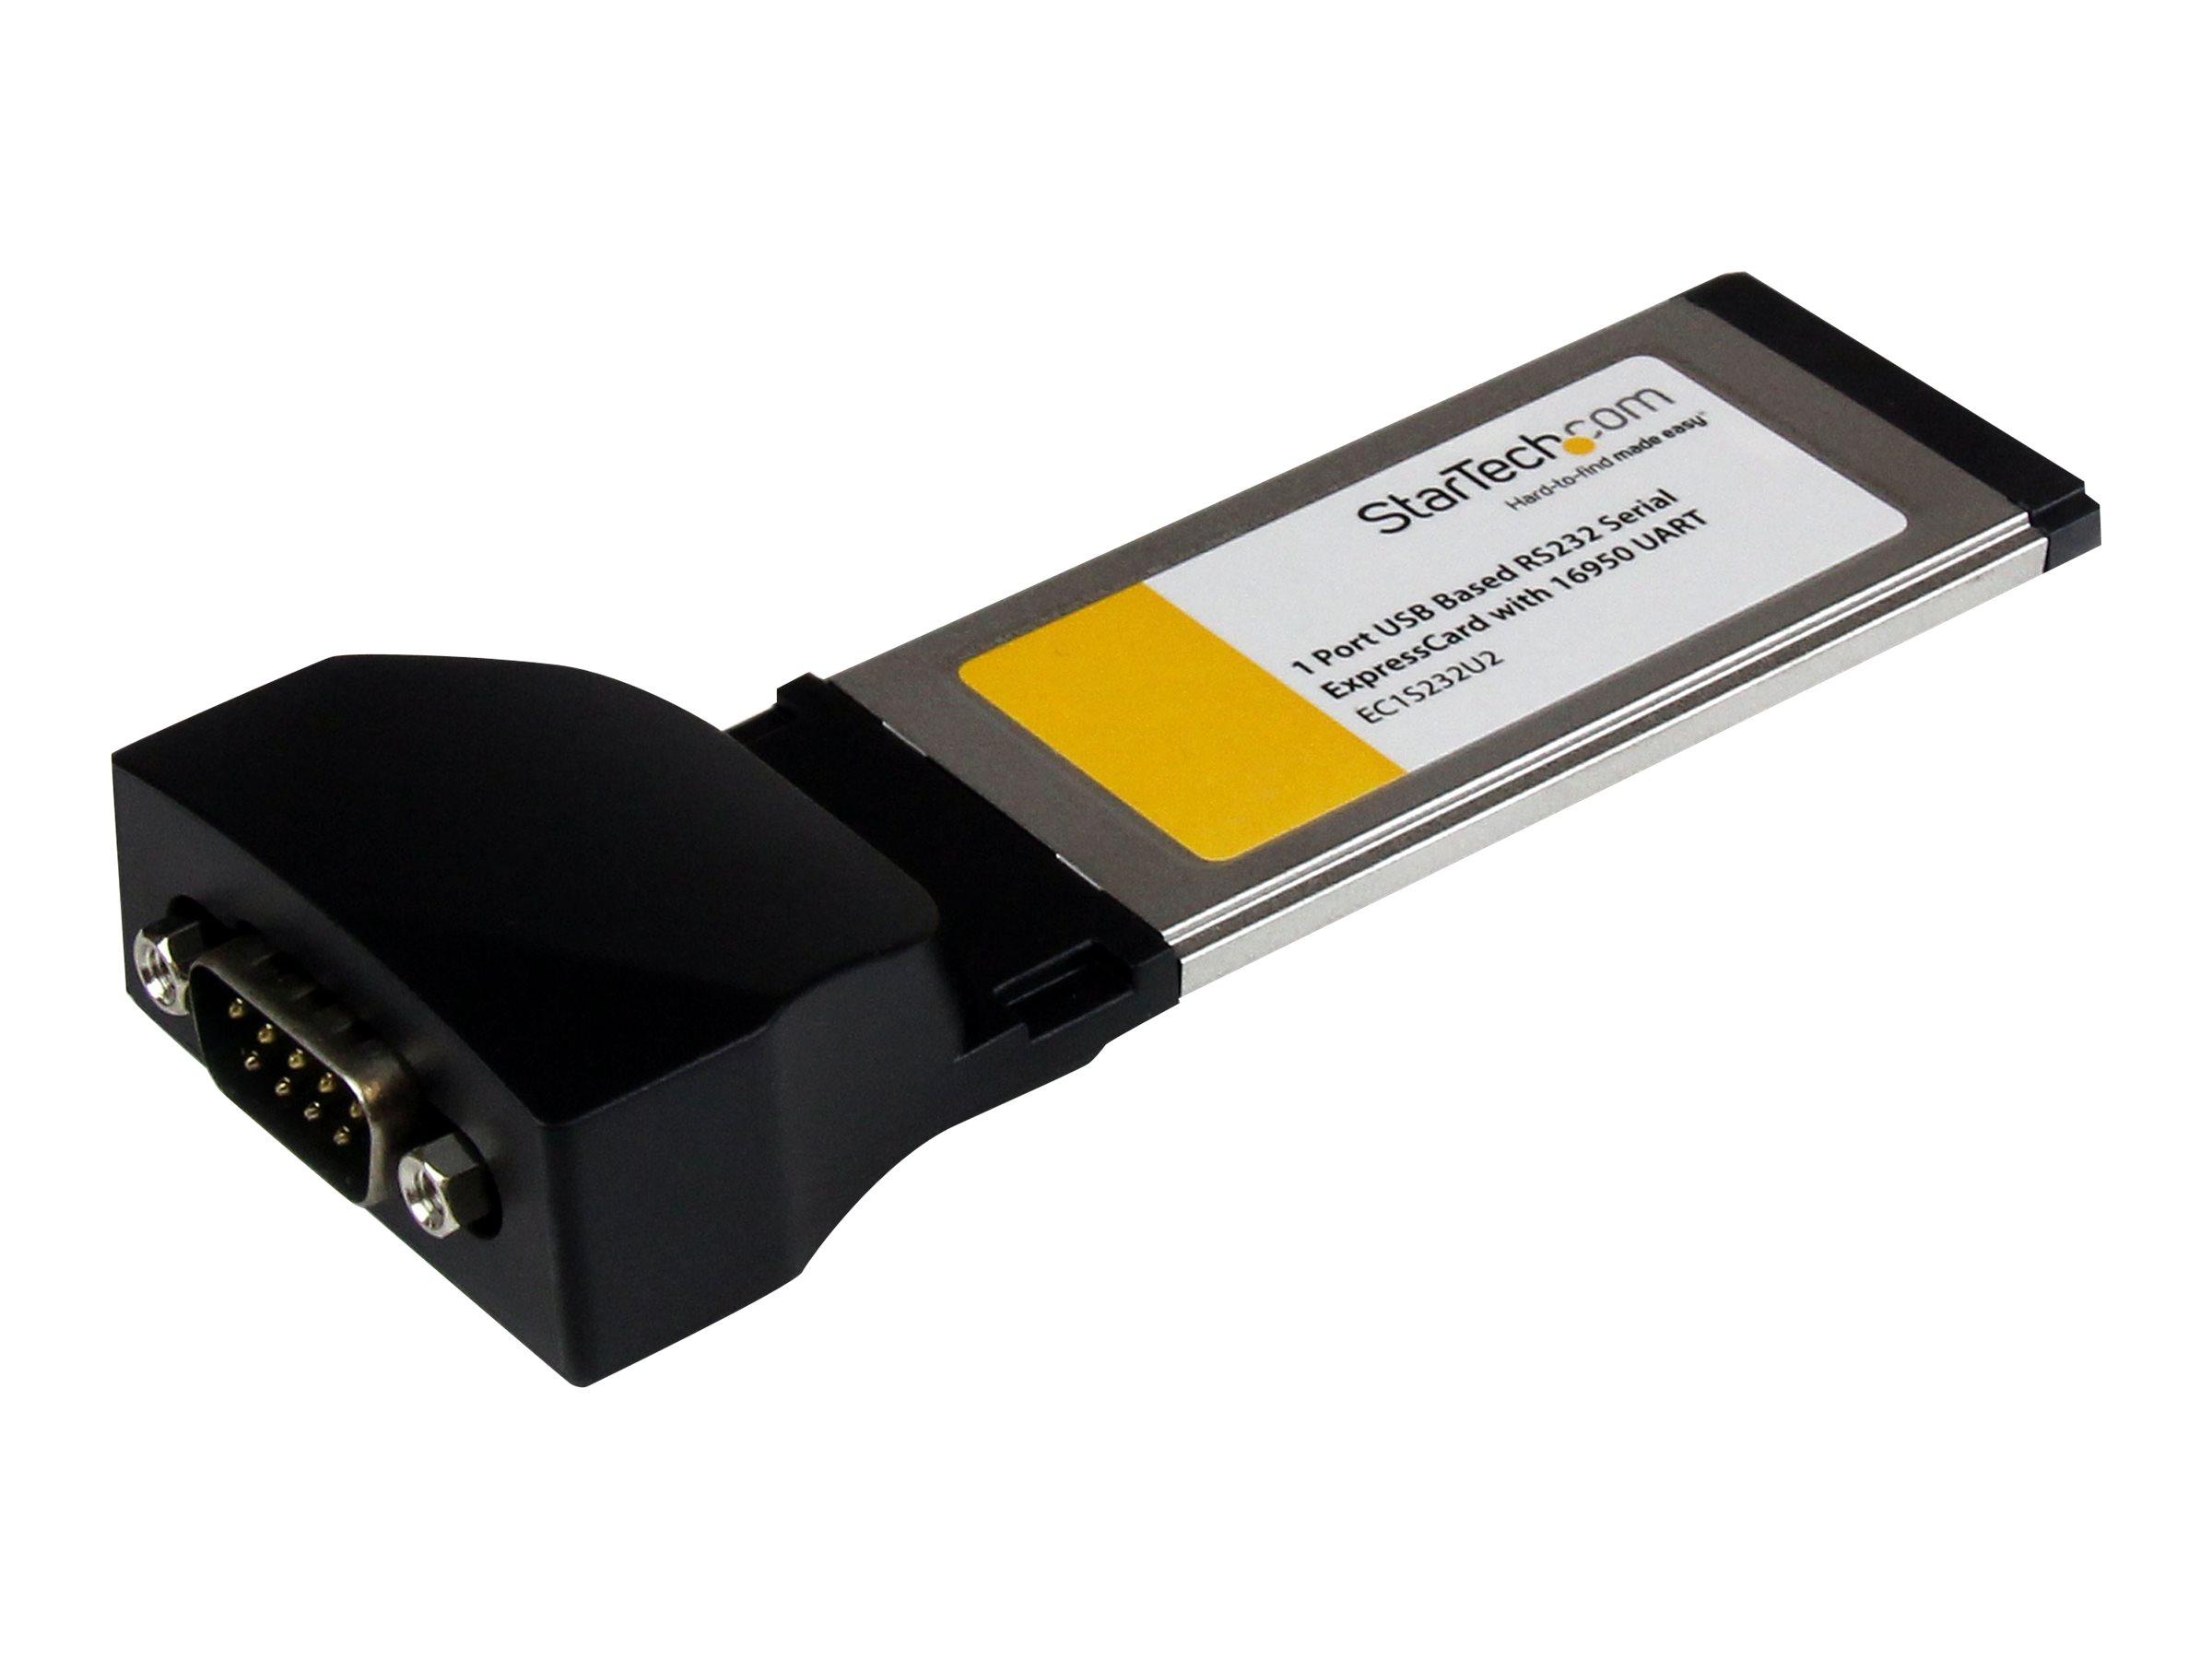 StarTech.com Serielle RS232 / DB9 Laptop ExpressCard Schnittstellenkarte mit 16950 UART - Serieller Adapter - ExpressCard - RS-2